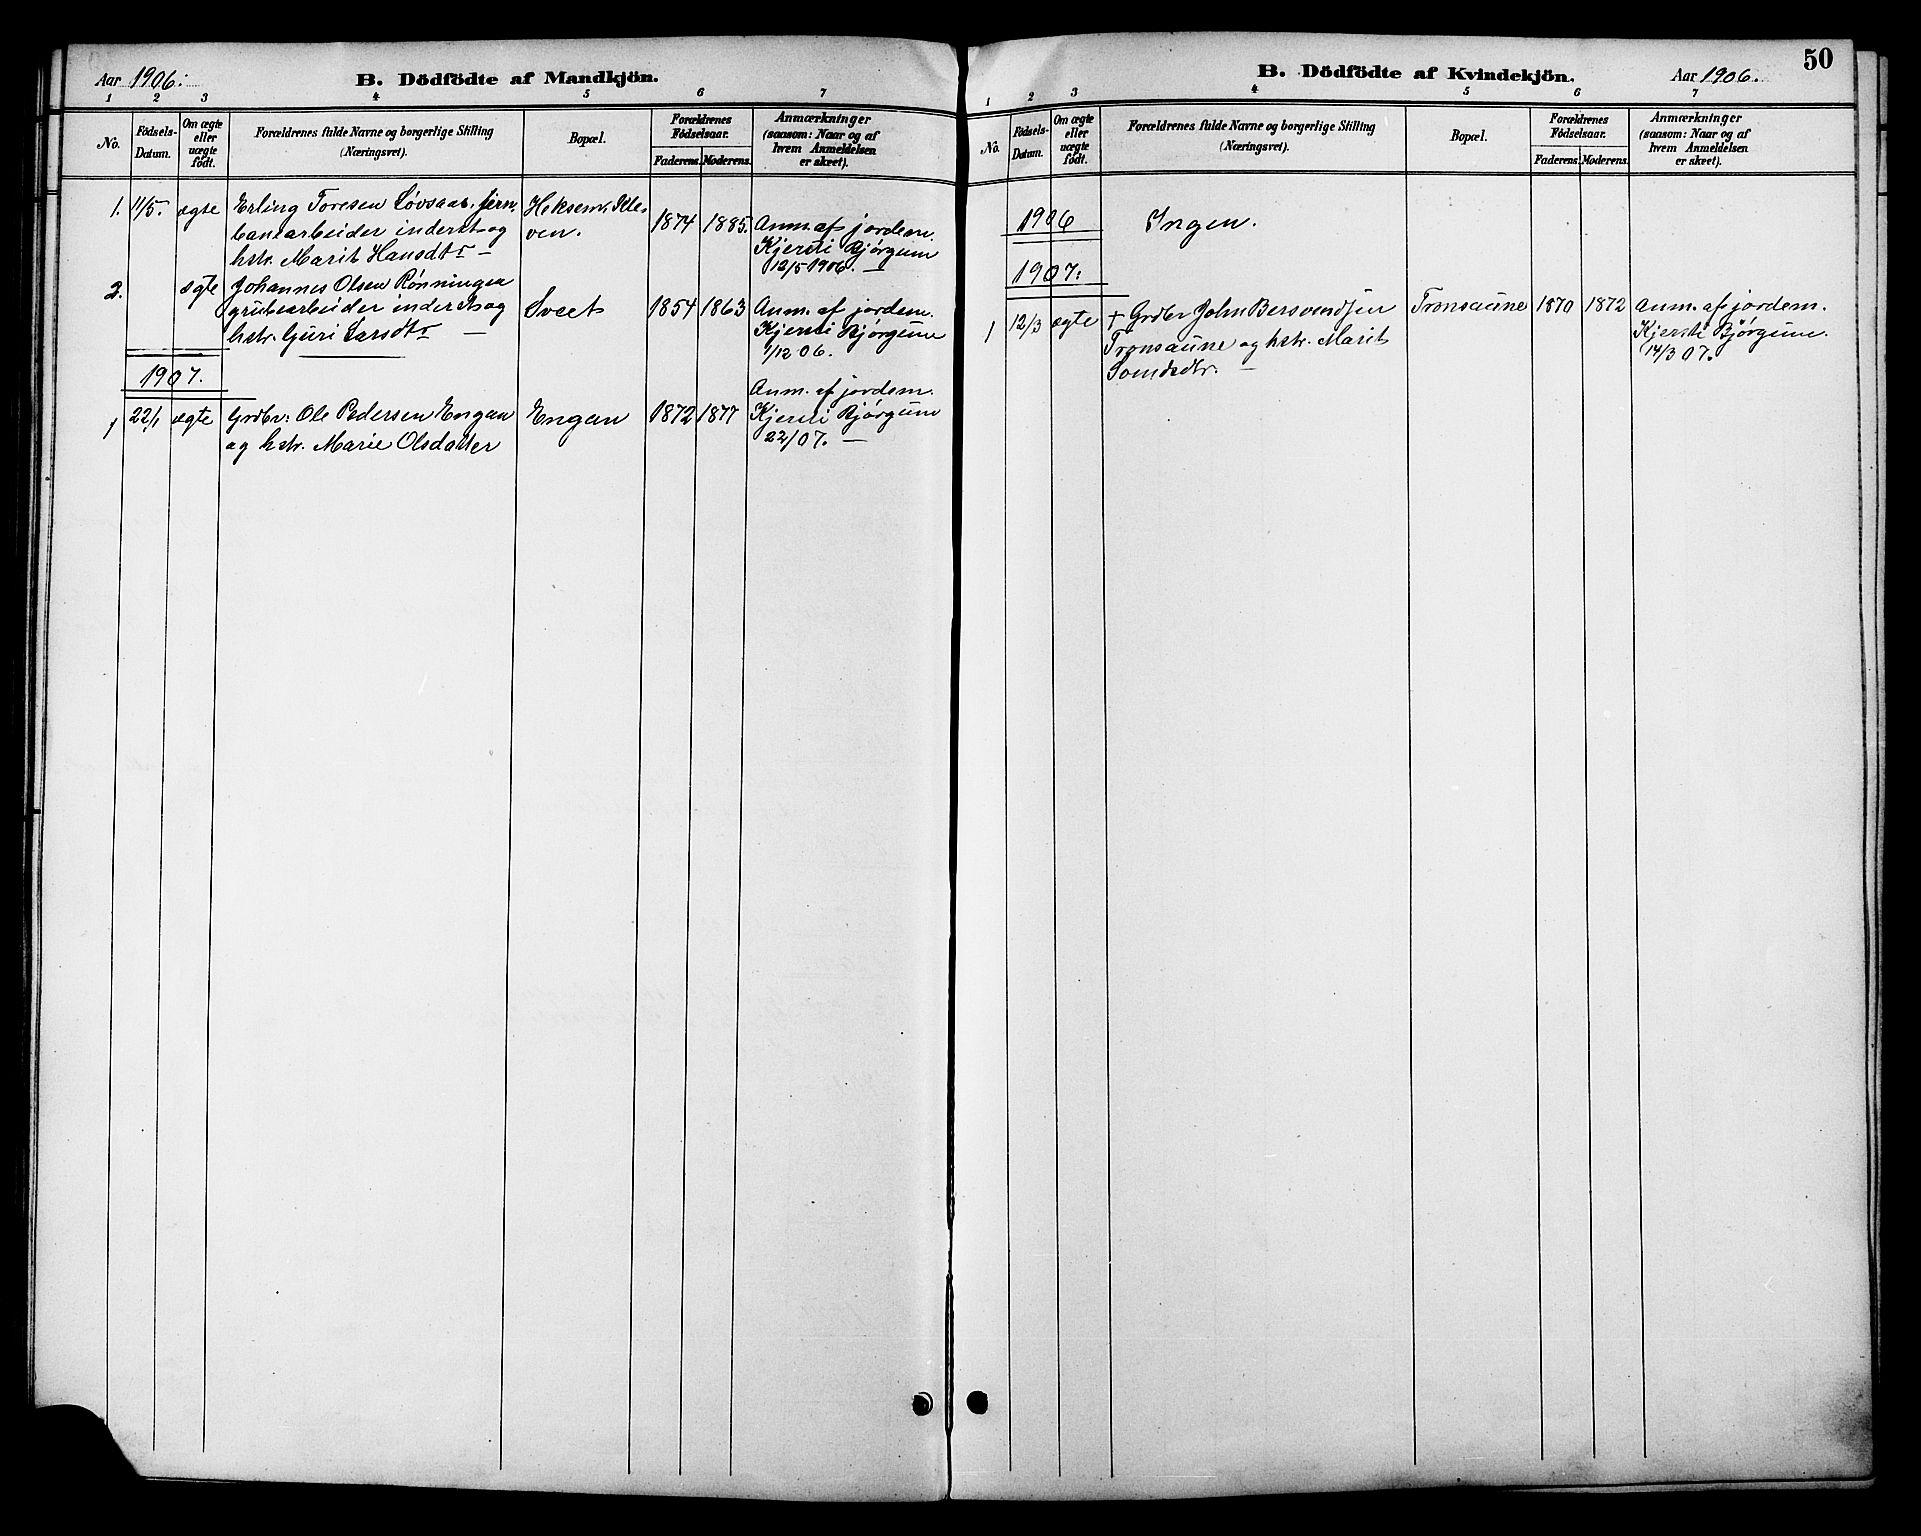 SAT, Ministerialprotokoller, klokkerbøker og fødselsregistre - Sør-Trøndelag, 685/L0978: Klokkerbok nr. 685C03, 1891-1907, s. 50